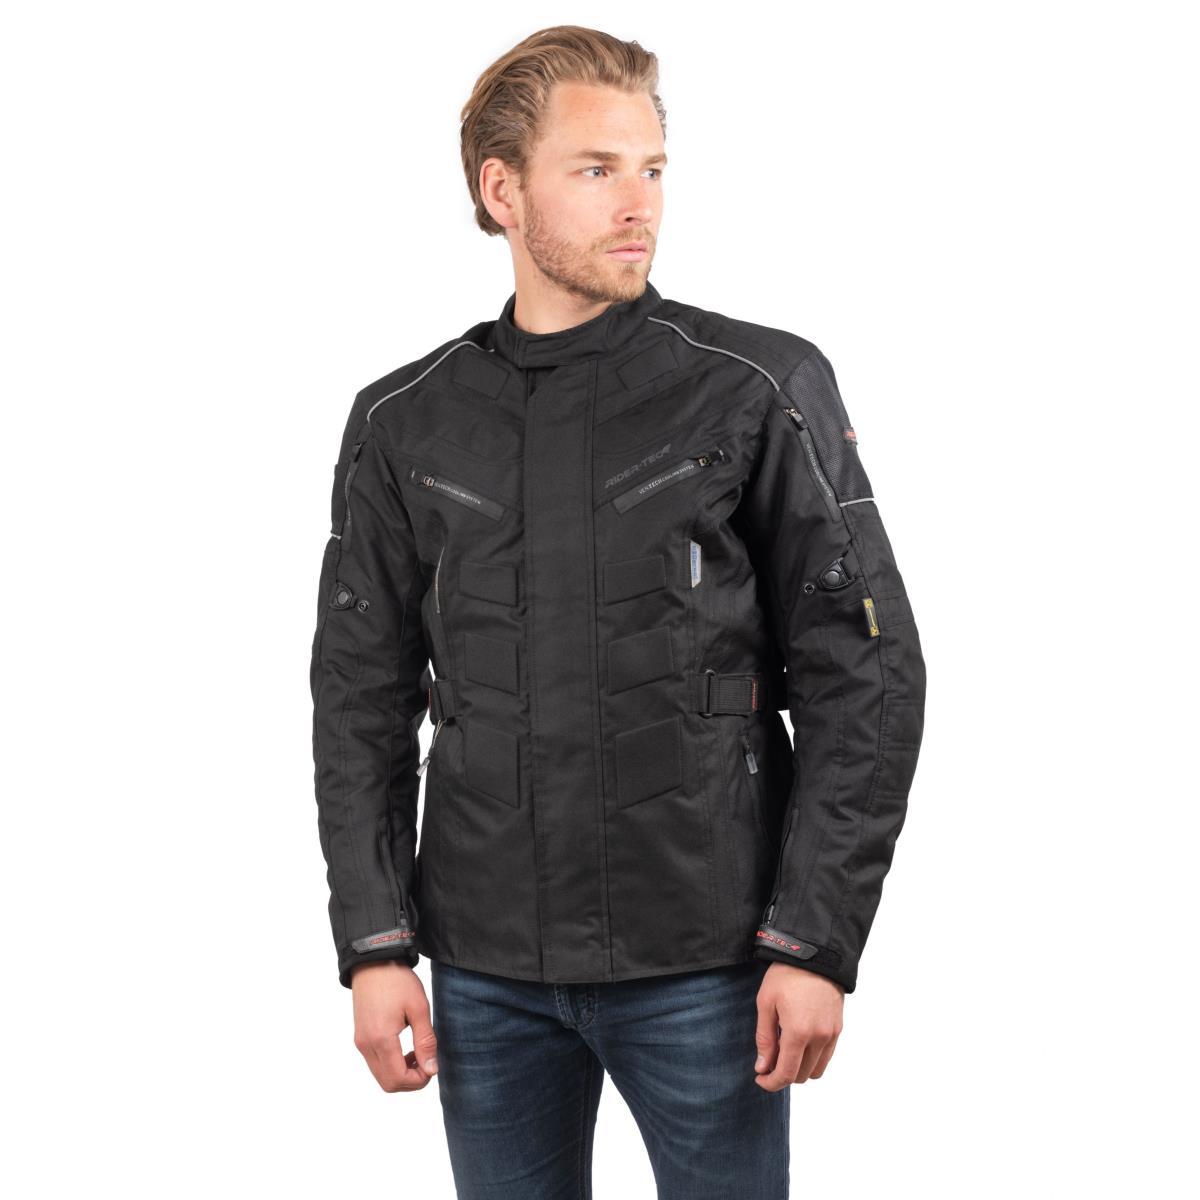 Blouson 3/4 de Moto Homme Urban Long Rider-Tec Textile Noir